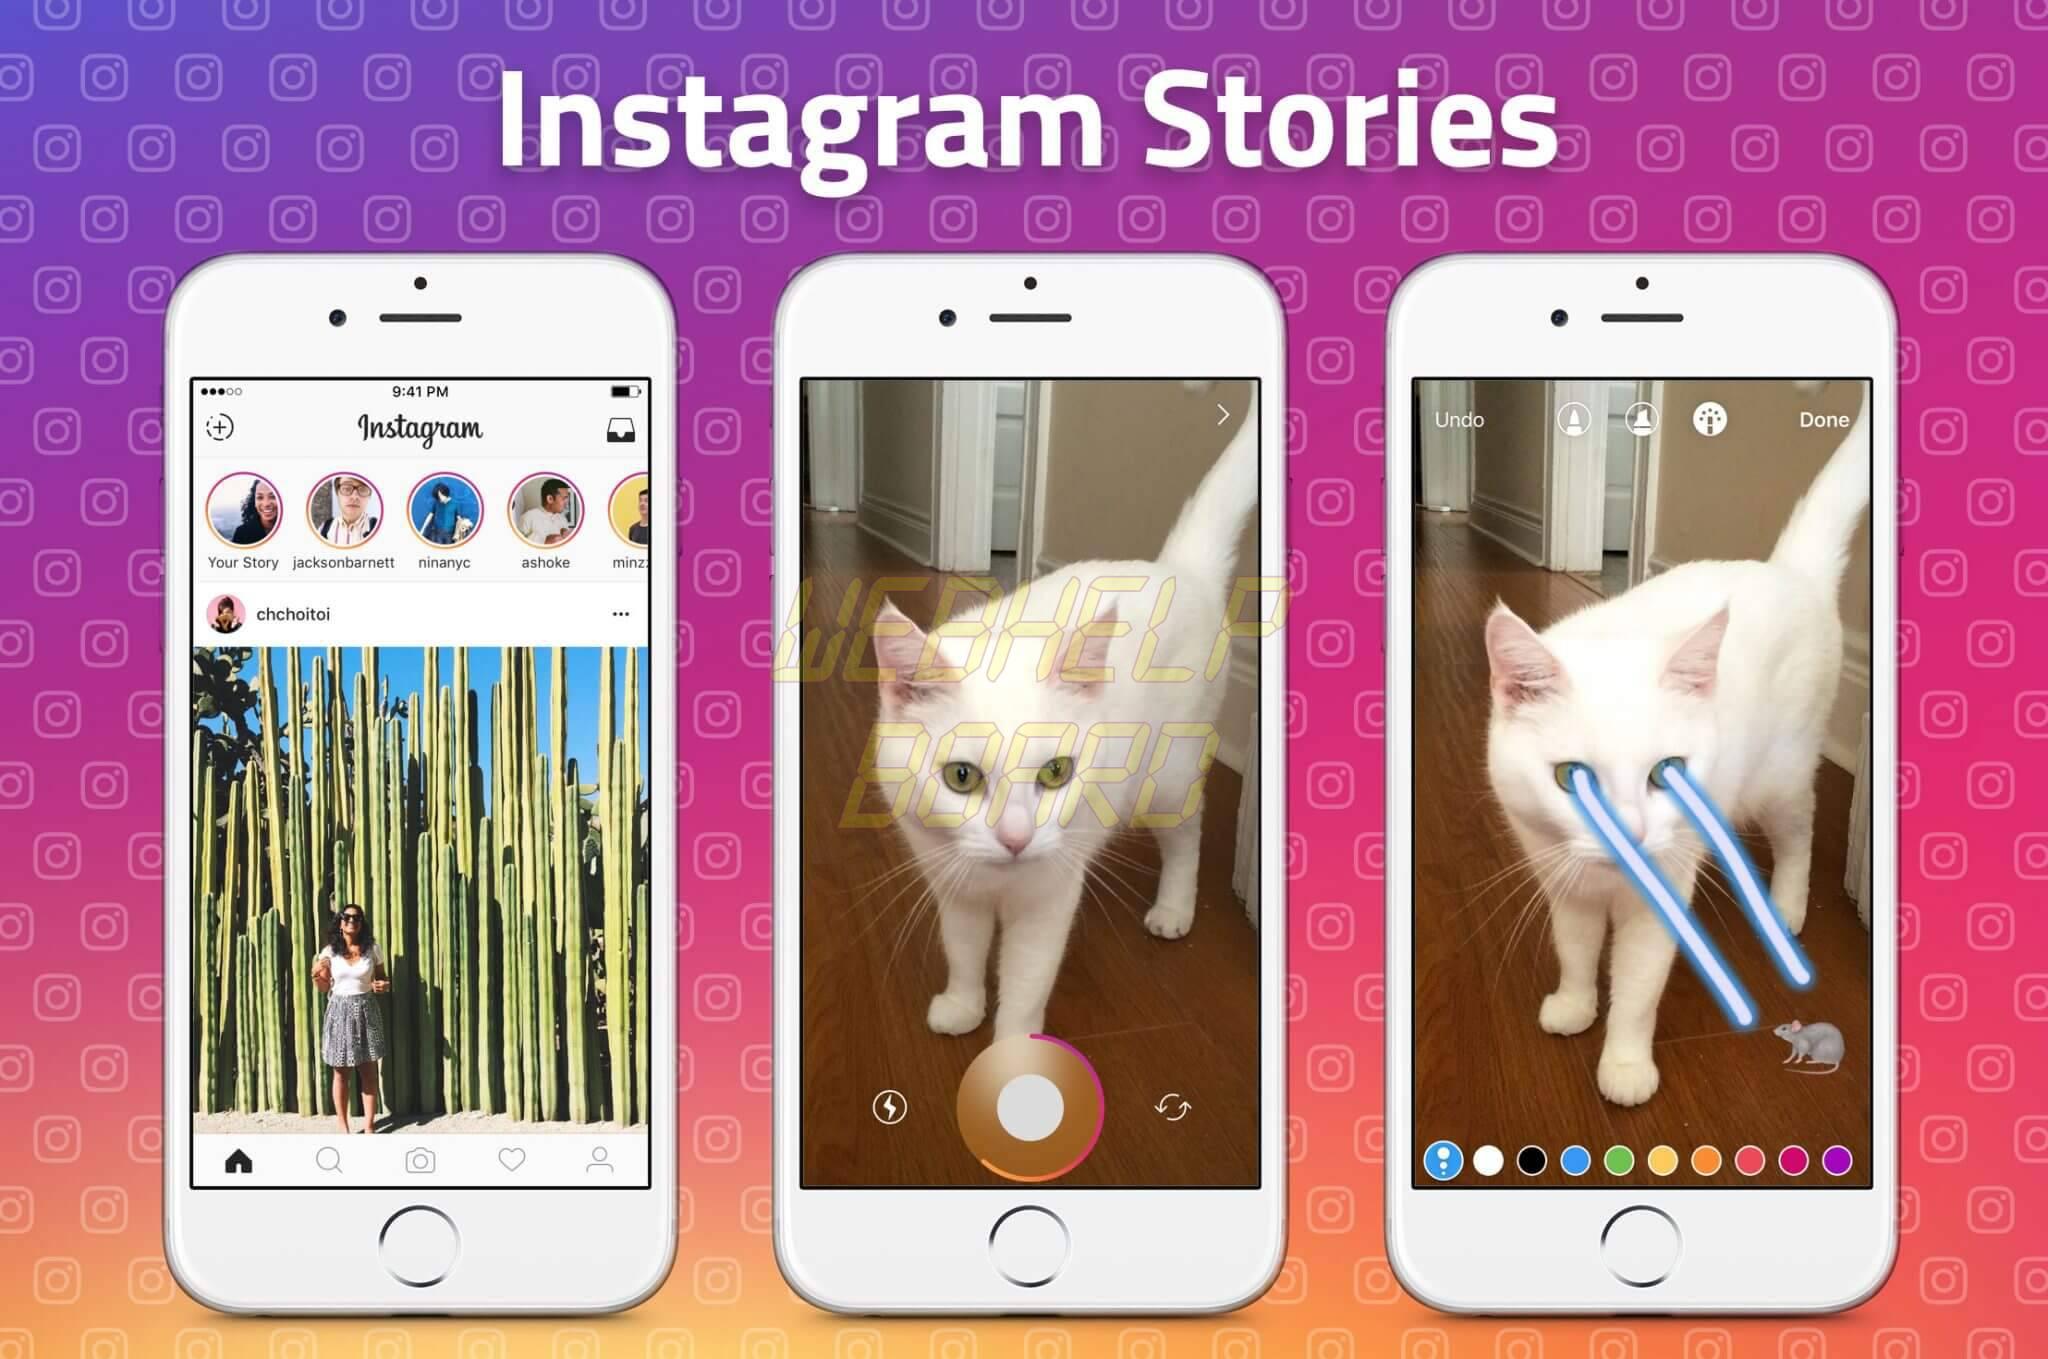 instagram stories1 - Como compartilhar a foto no Instagram Stories e WhatsApp Status ao mesmo tempo